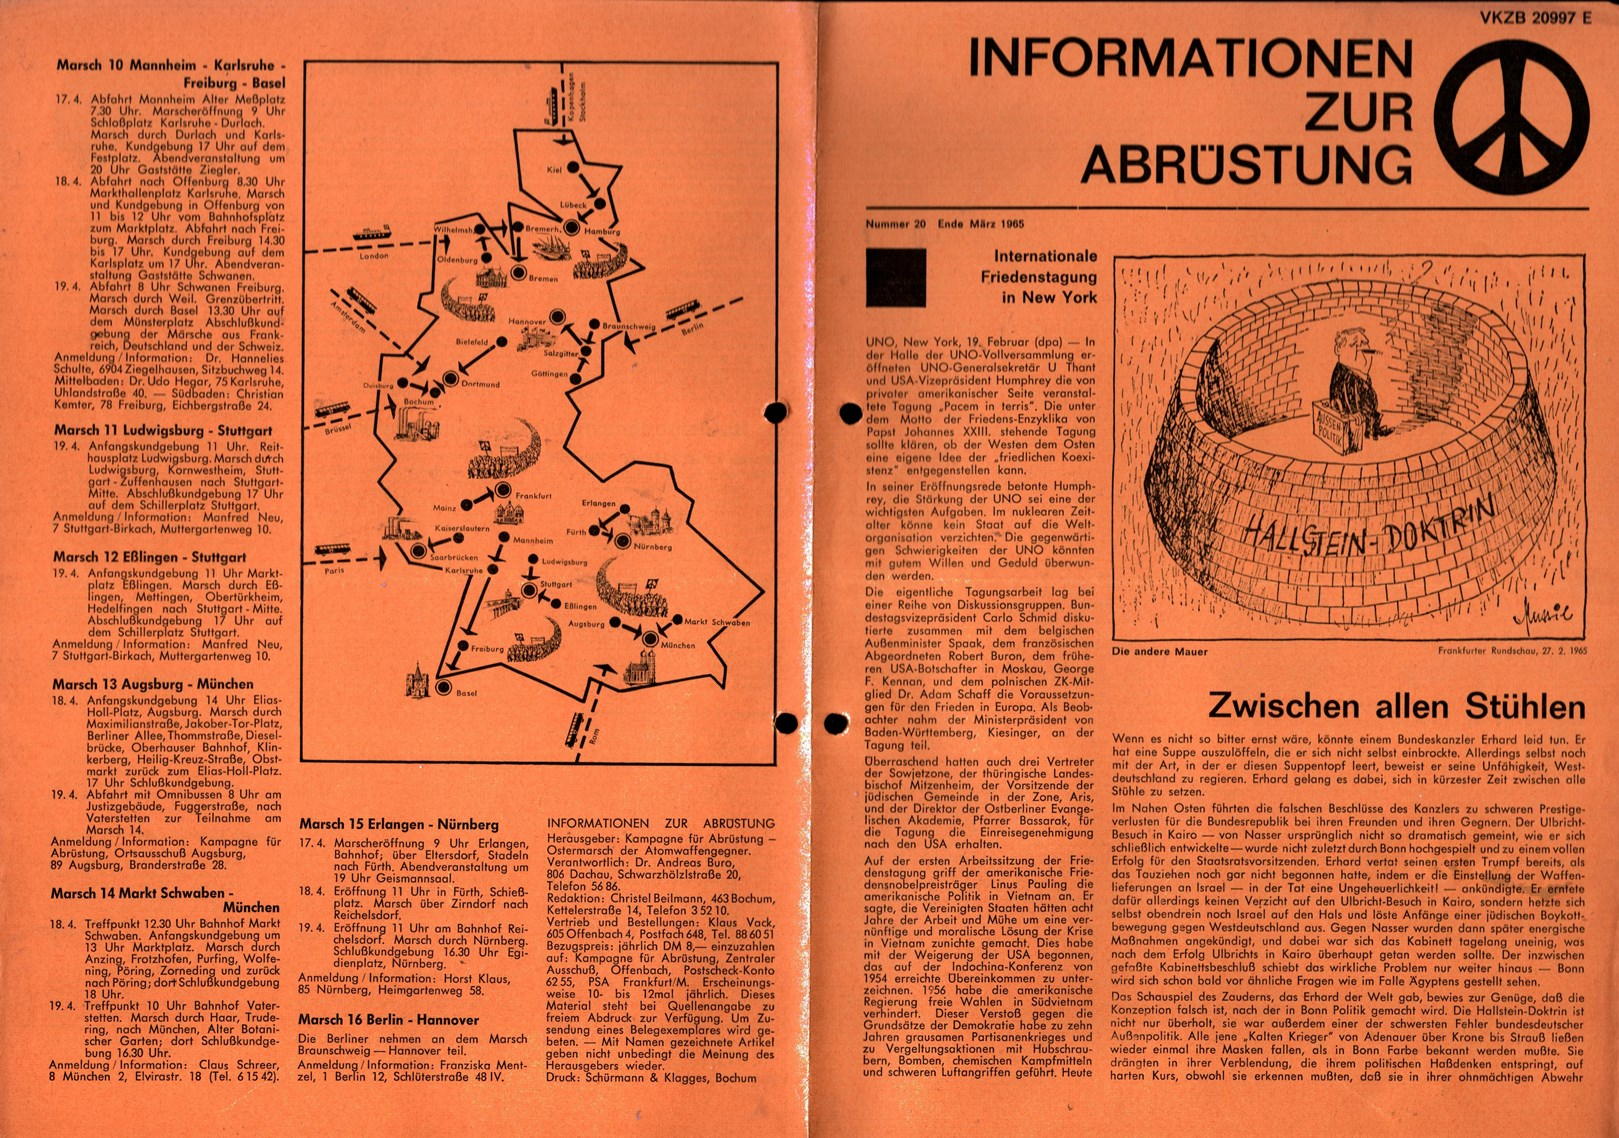 Infos_zur_Abruestung_1965_020_001